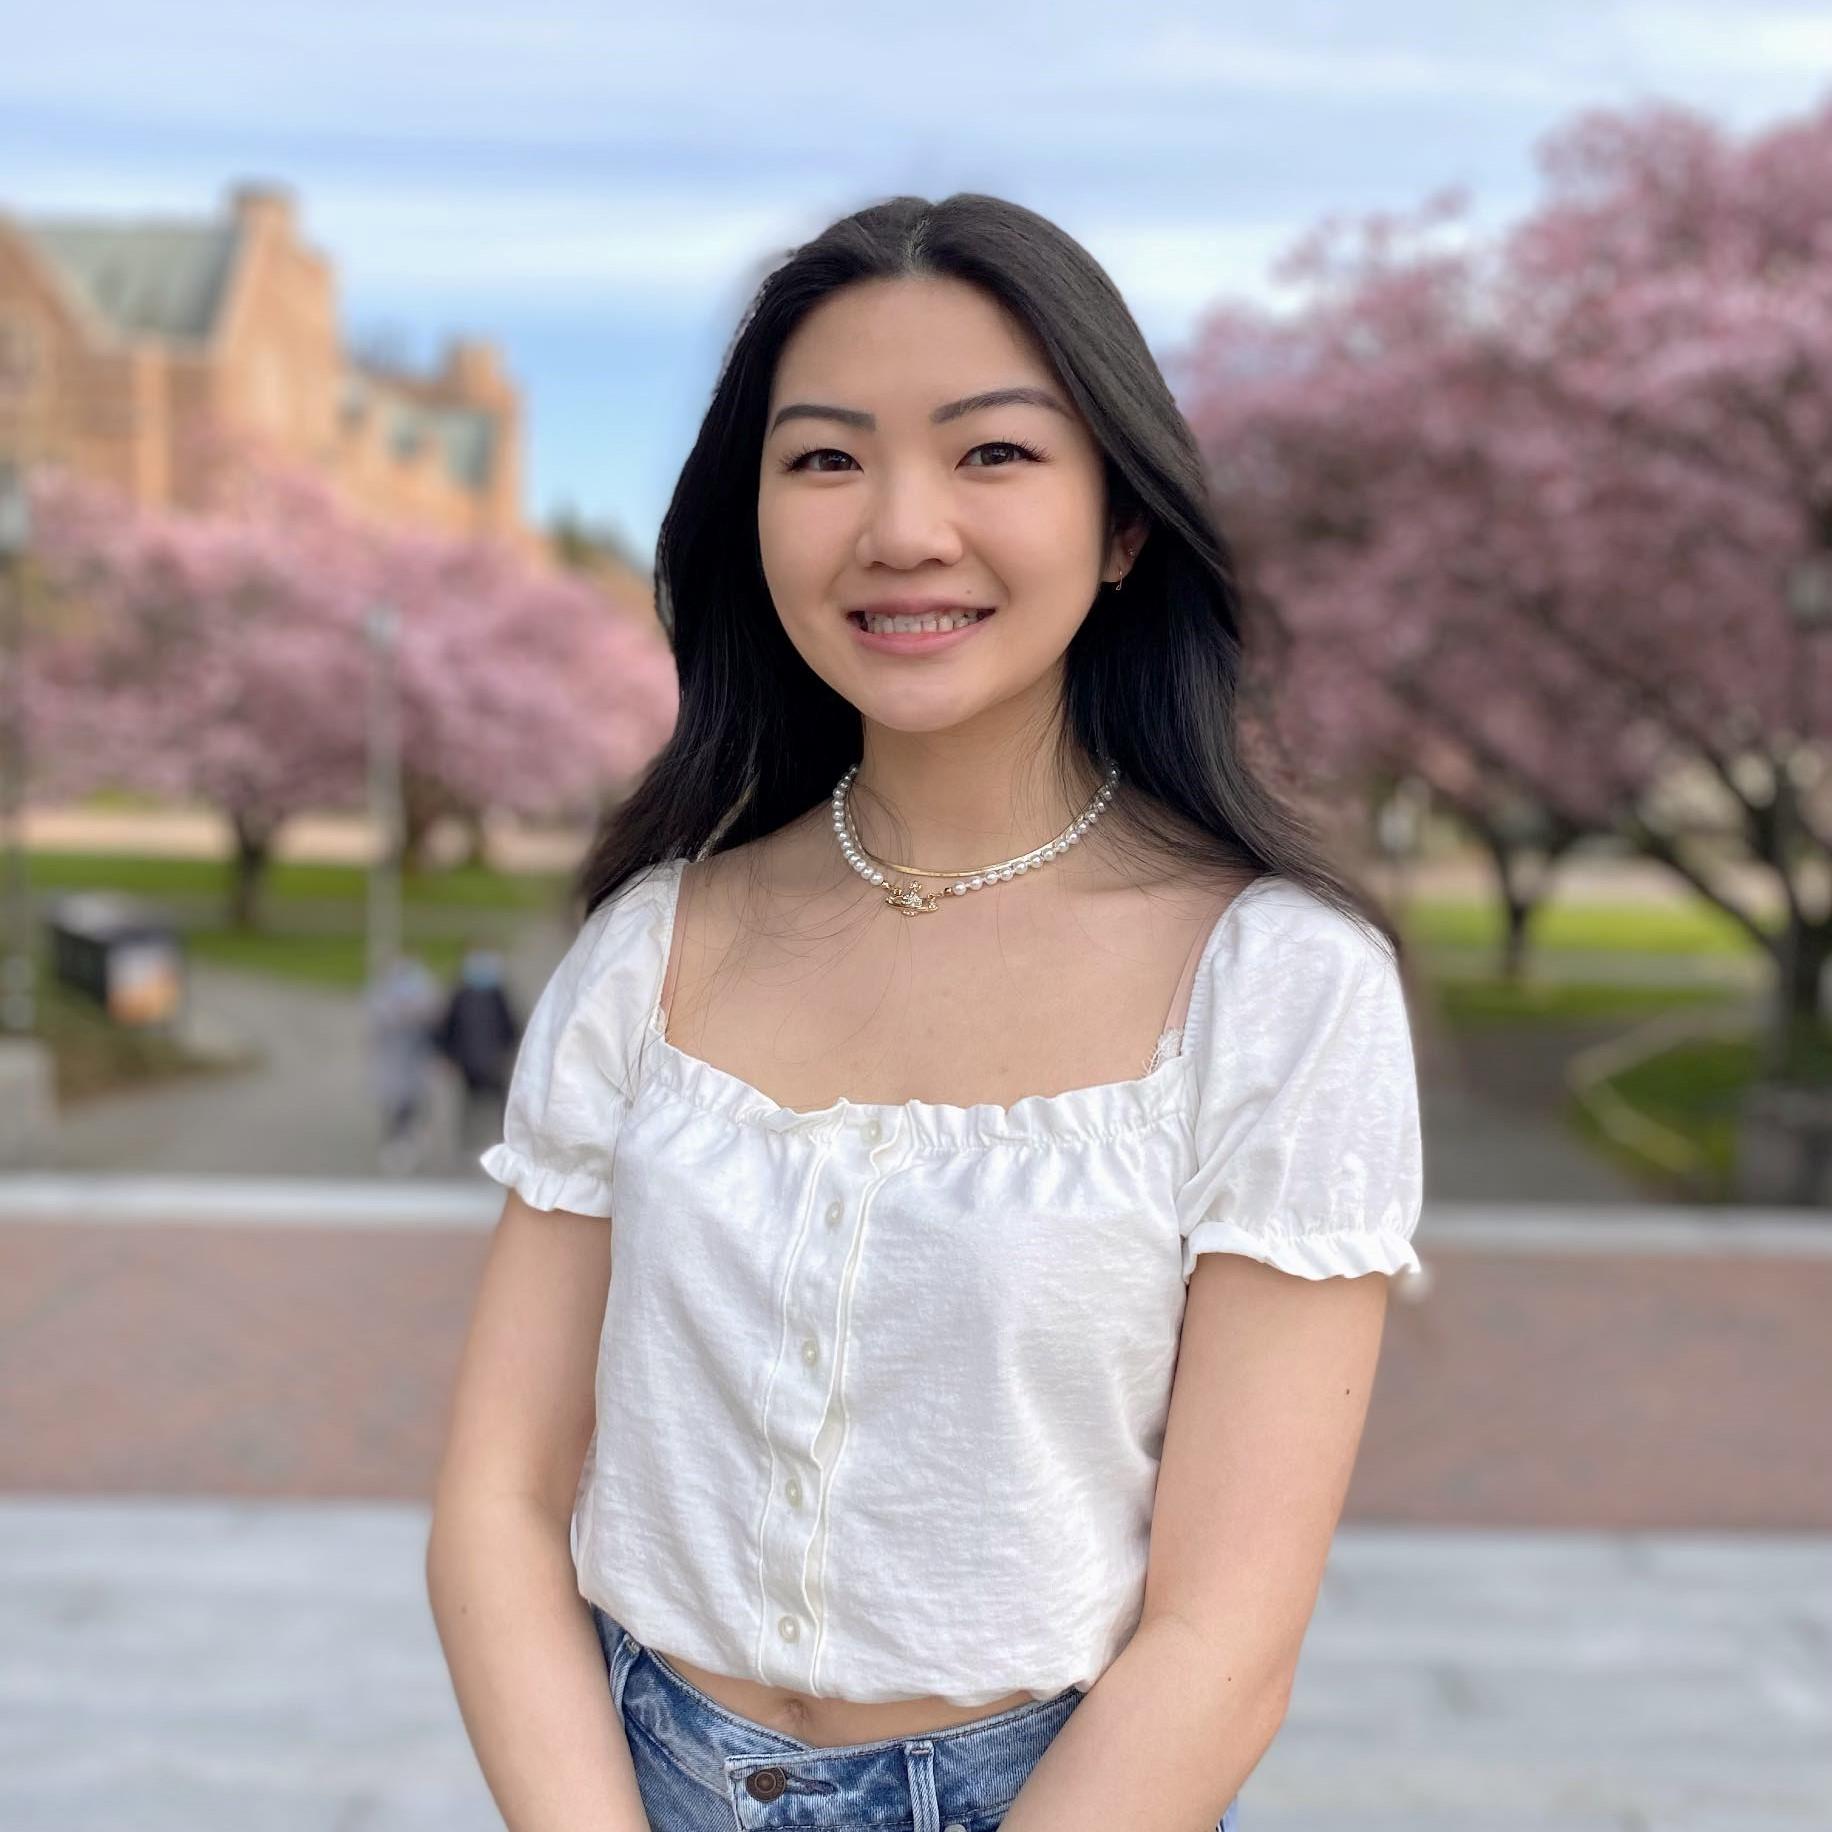 Lab Photo of Sophia Chiang